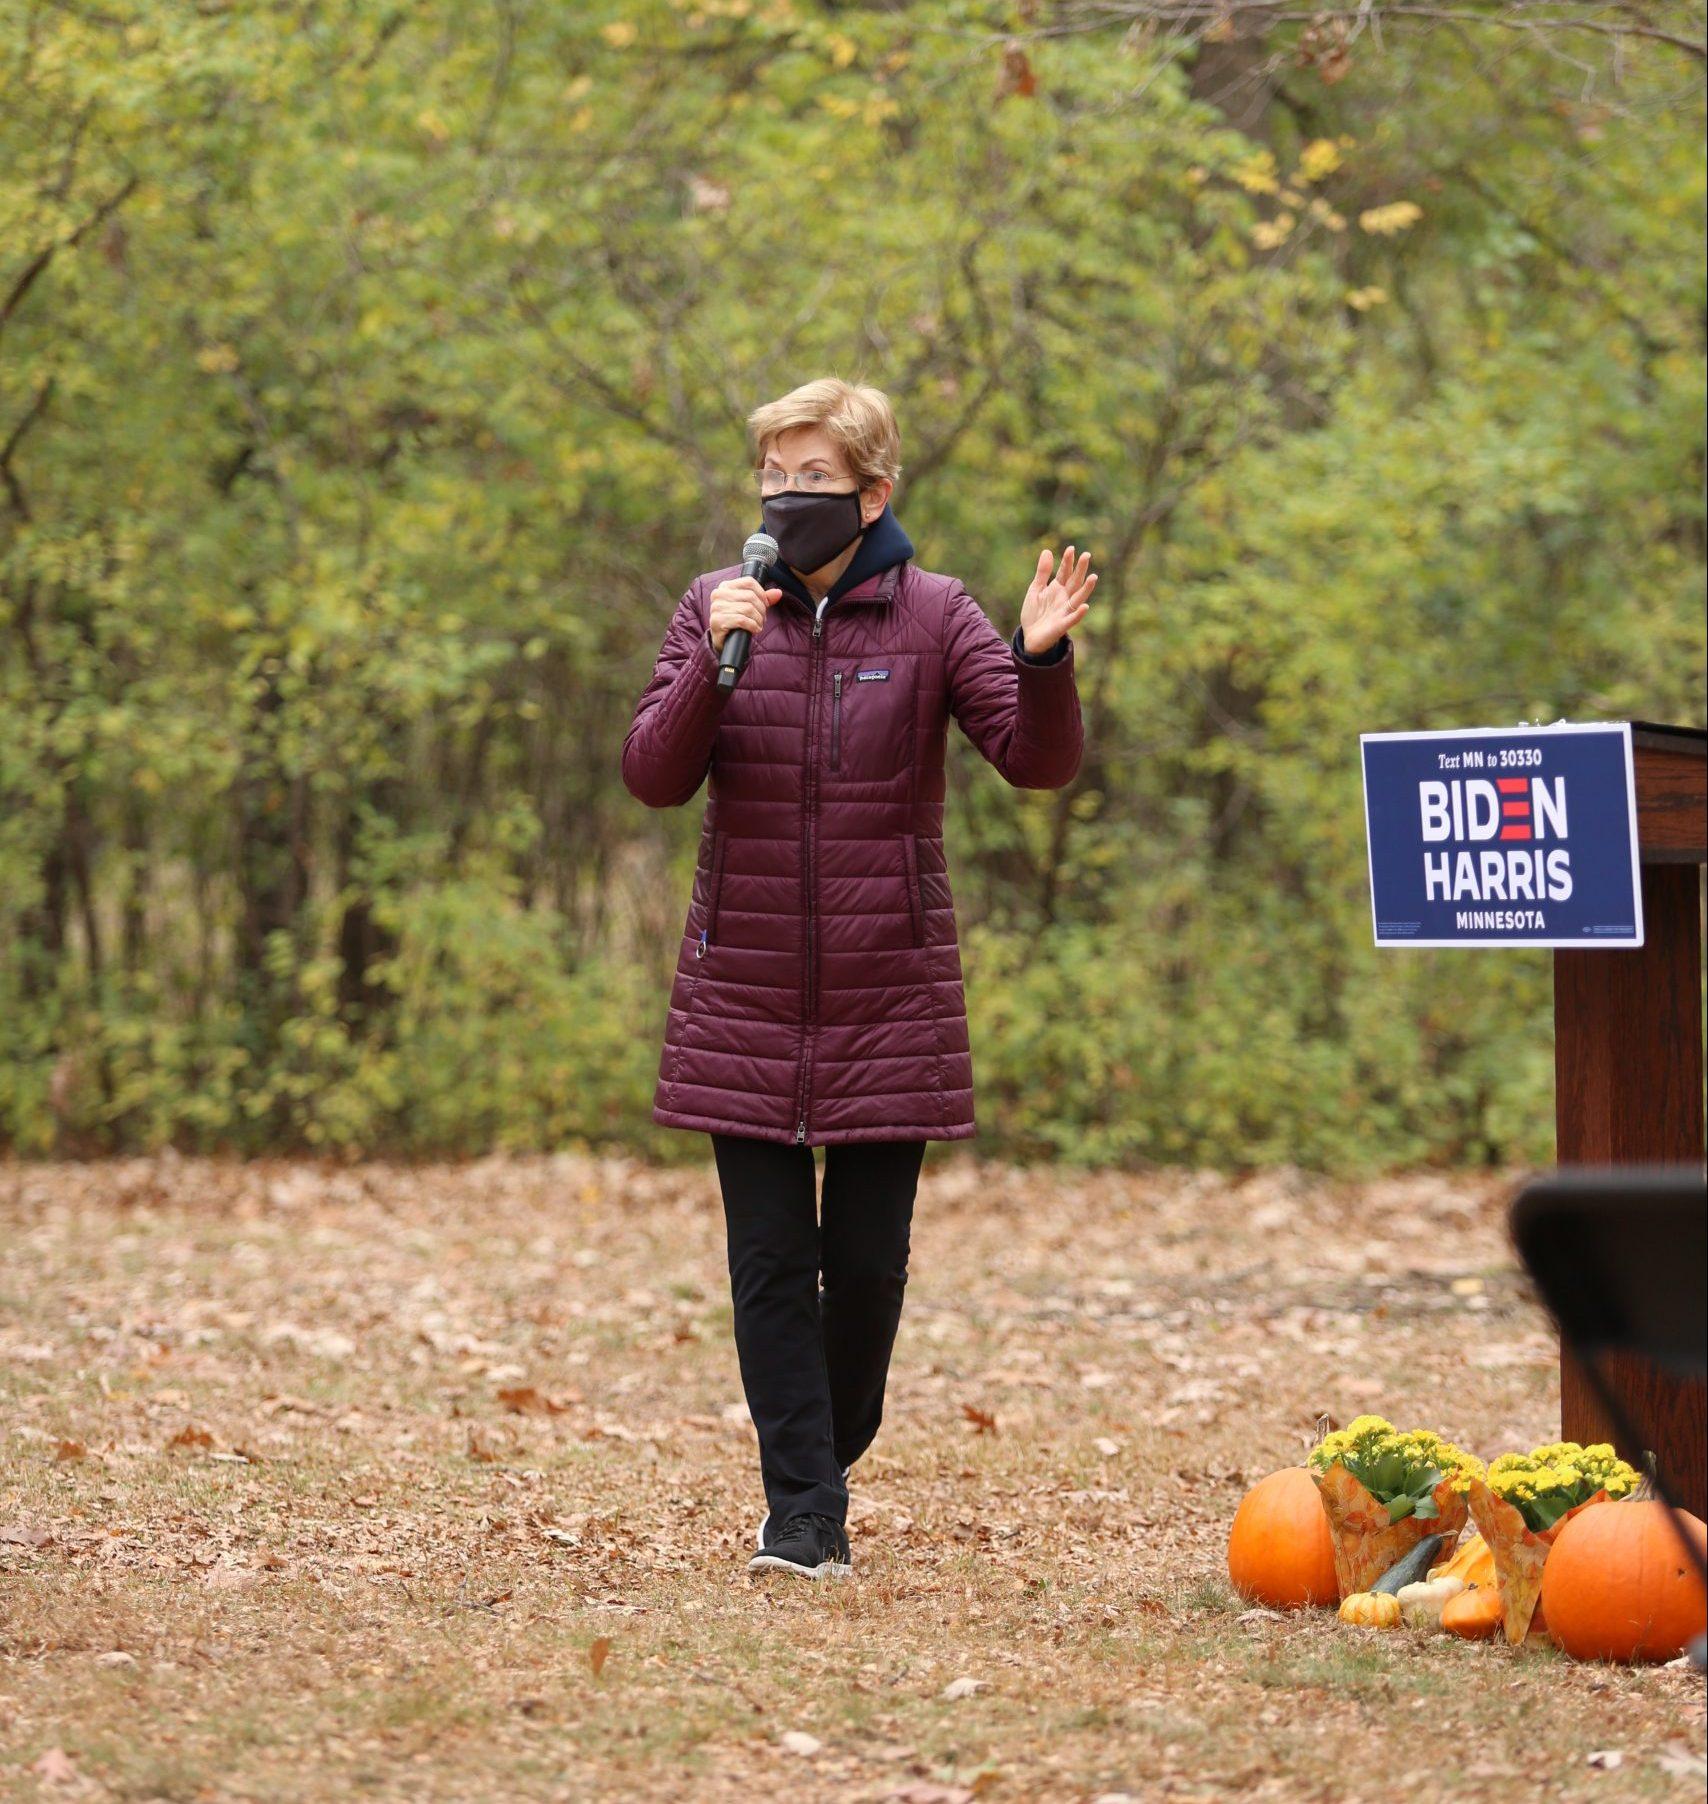 Sen. Elizabeth Warren in Minnesota, tries to motivate progressives who may be lukewarm on Biden